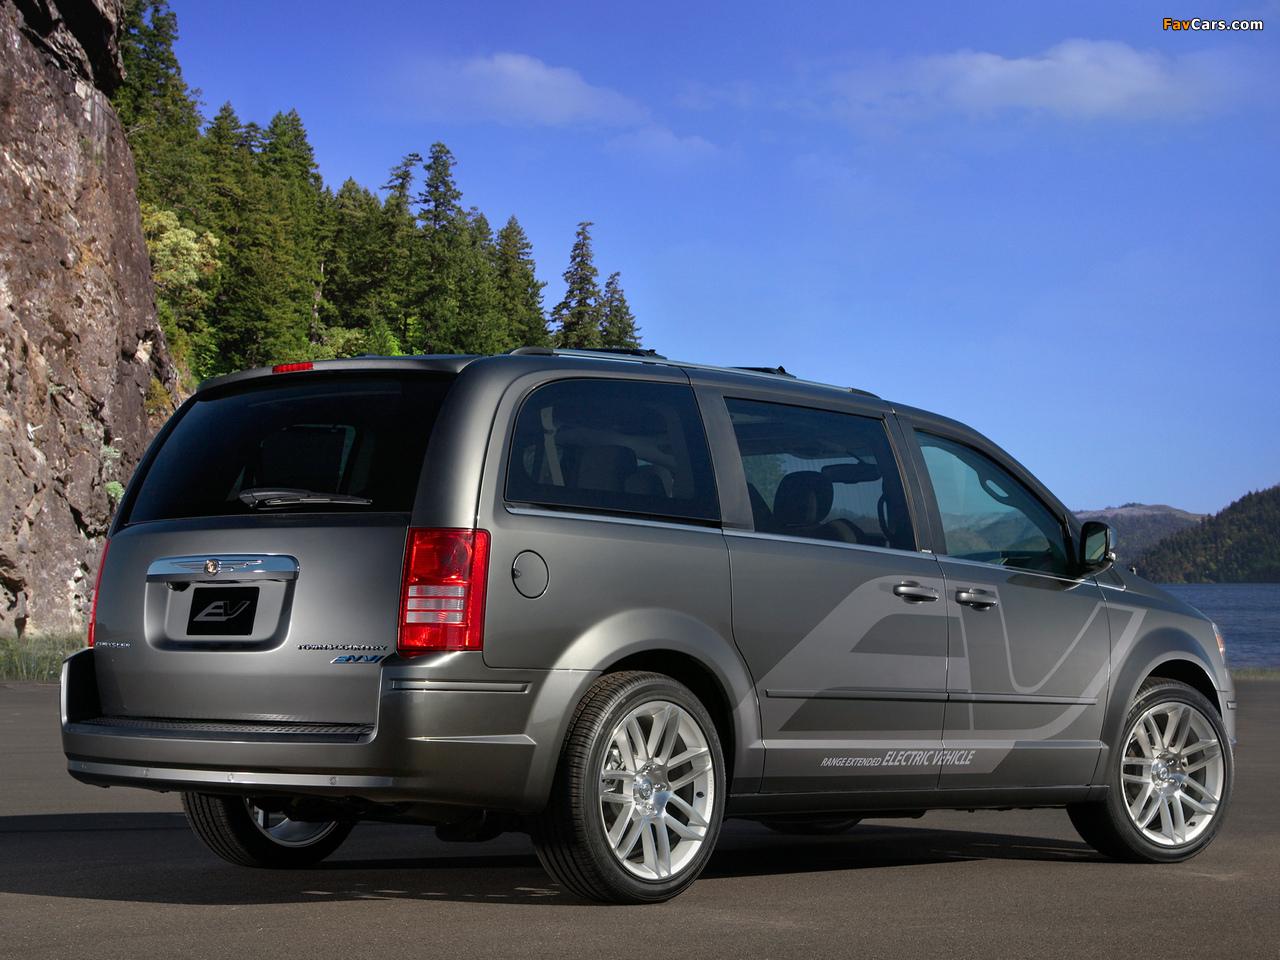 Chrysler Town & Country EV Concept 2009 photos (1280 x 960)